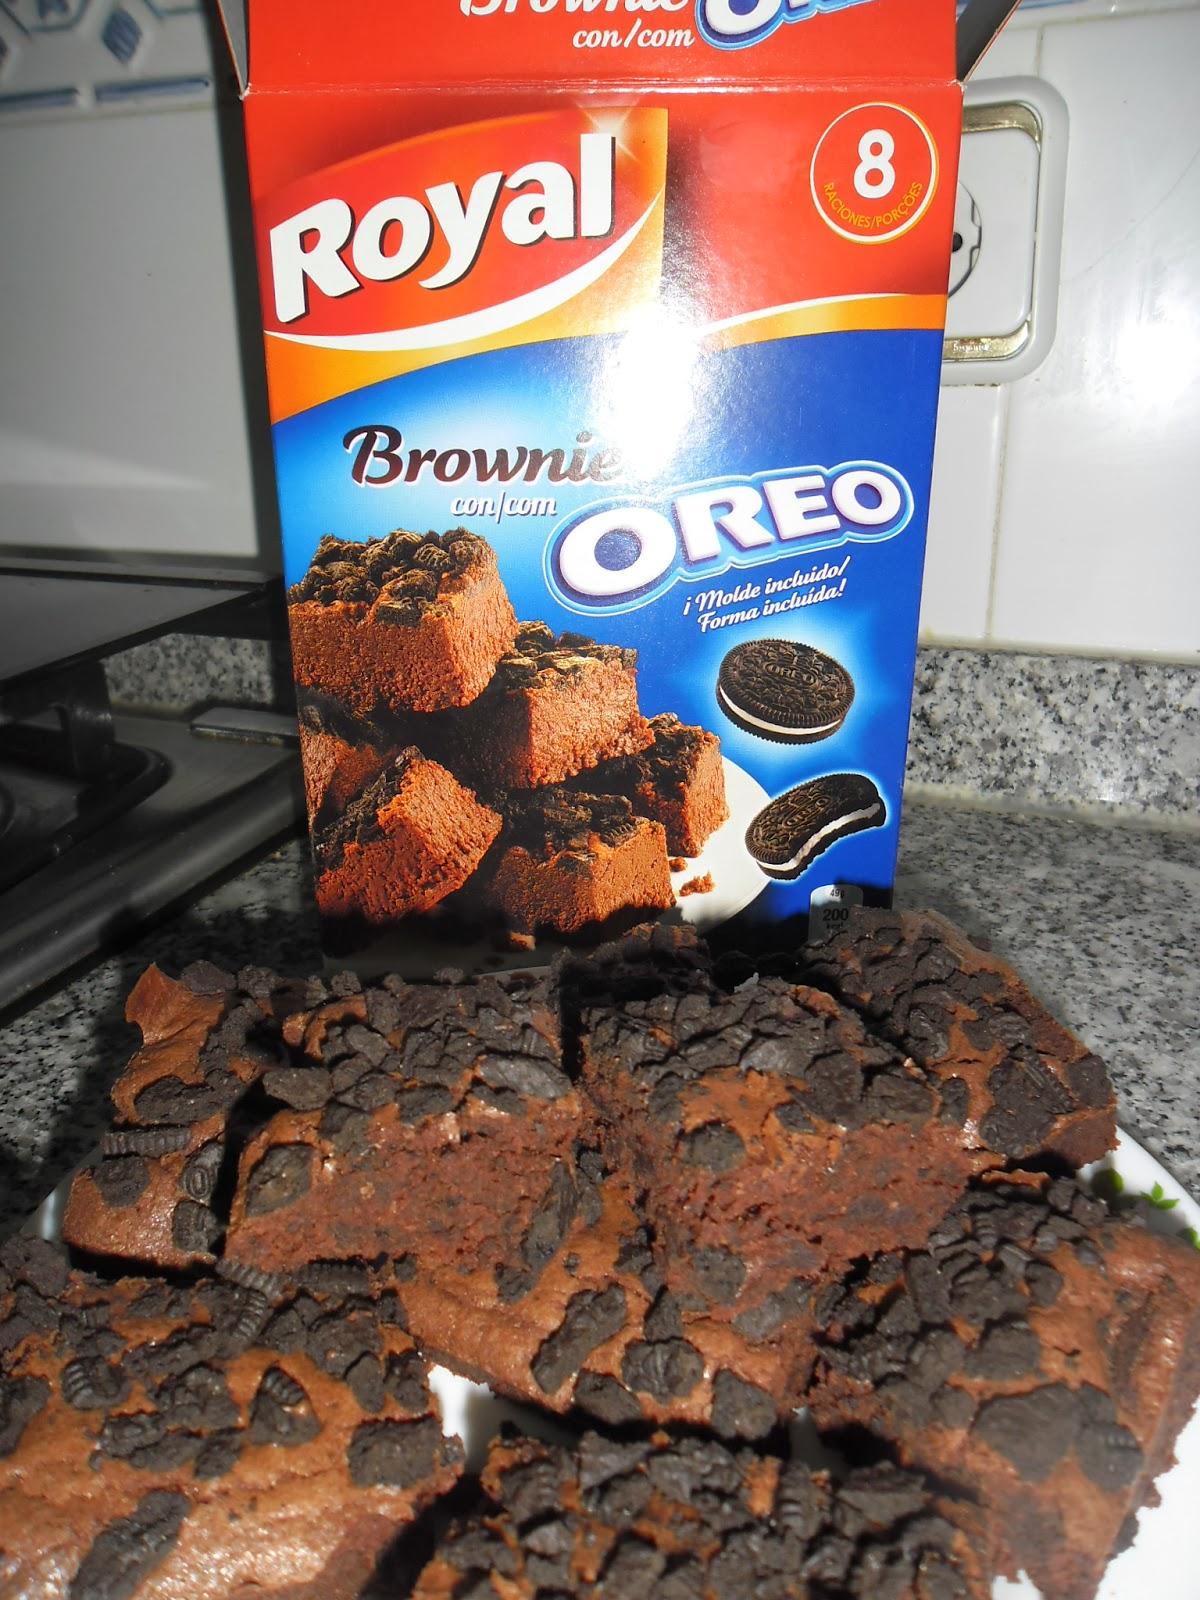 Açúcar dos dias # Brownie de oreo